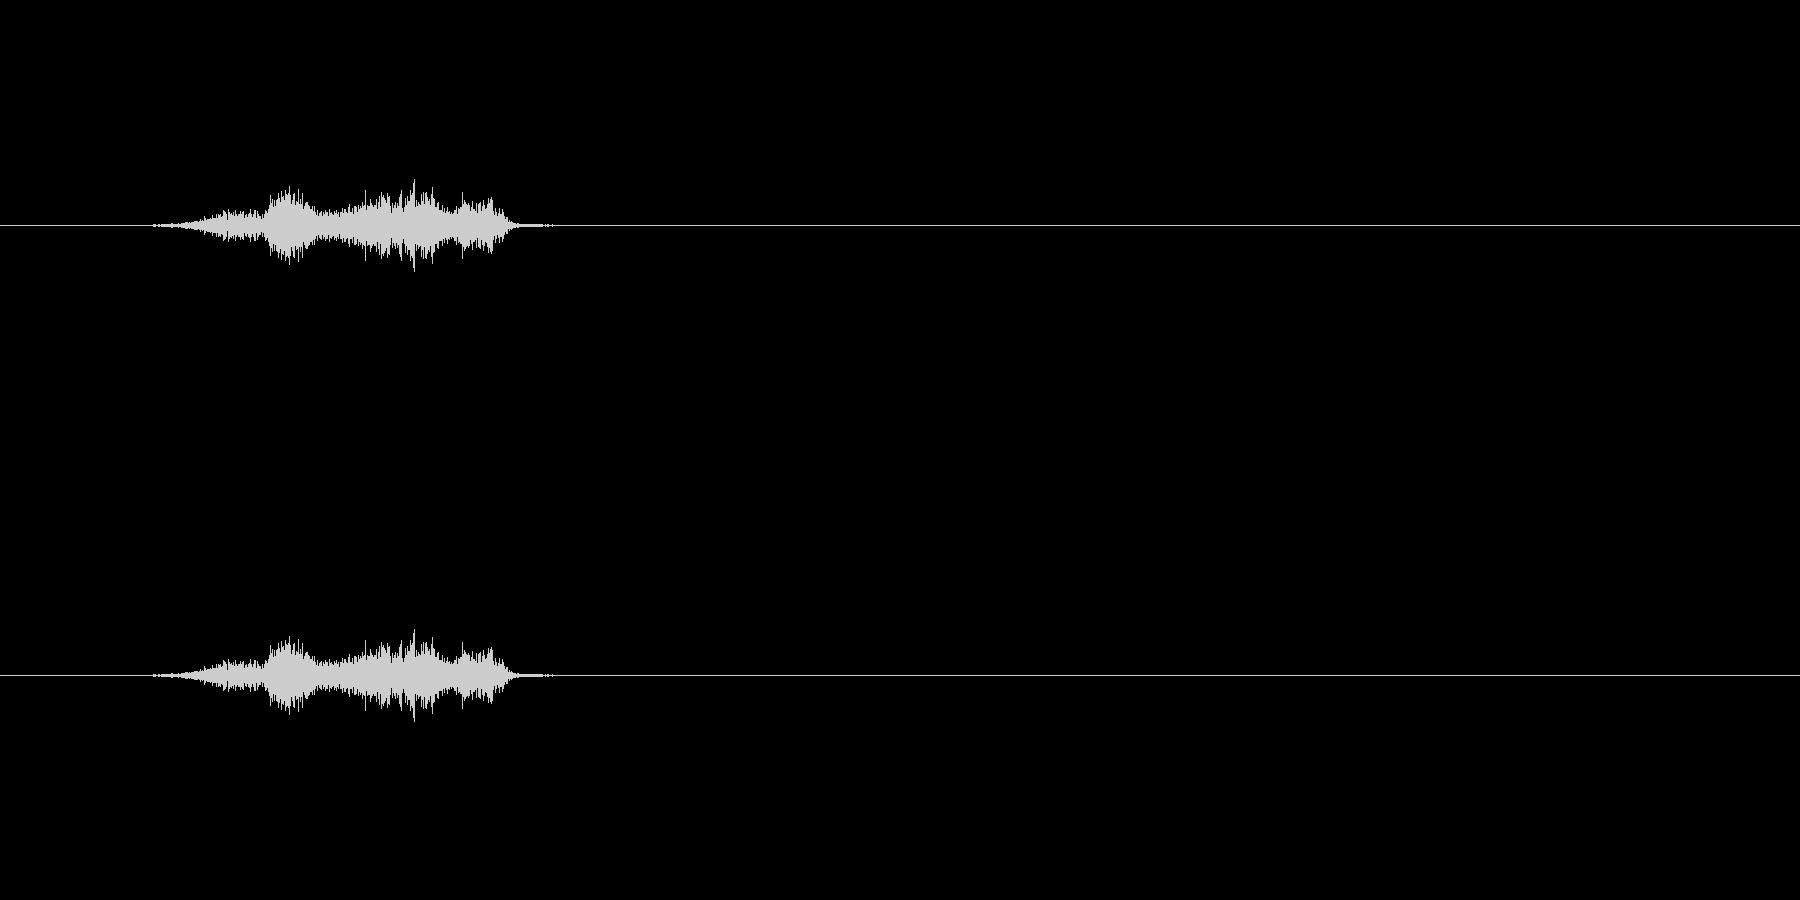 【フェルトペン03-06(丸)】の未再生の波形